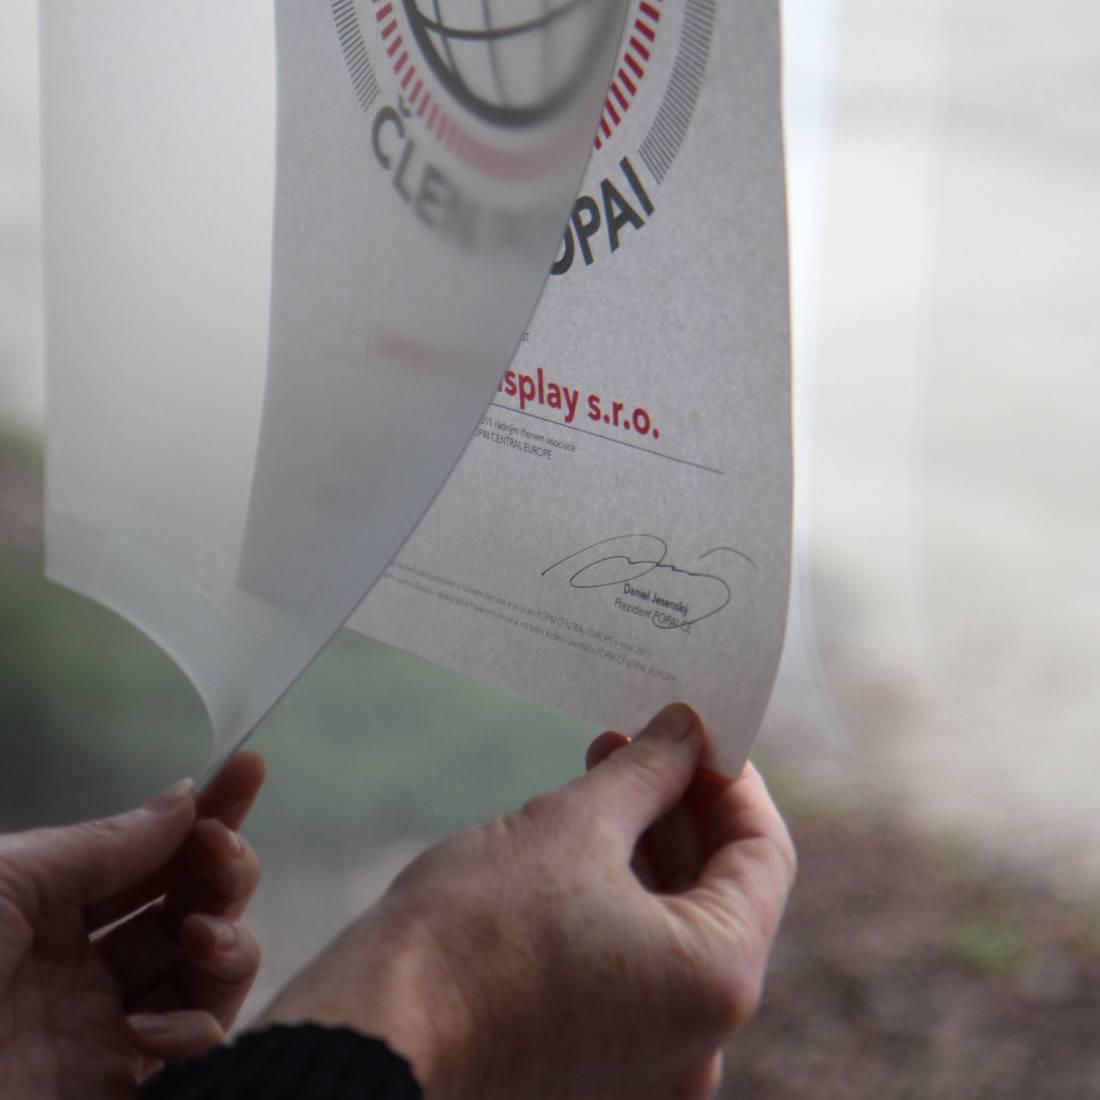 Przezroczysta wisząca kieszeń na plakaty i ulotki